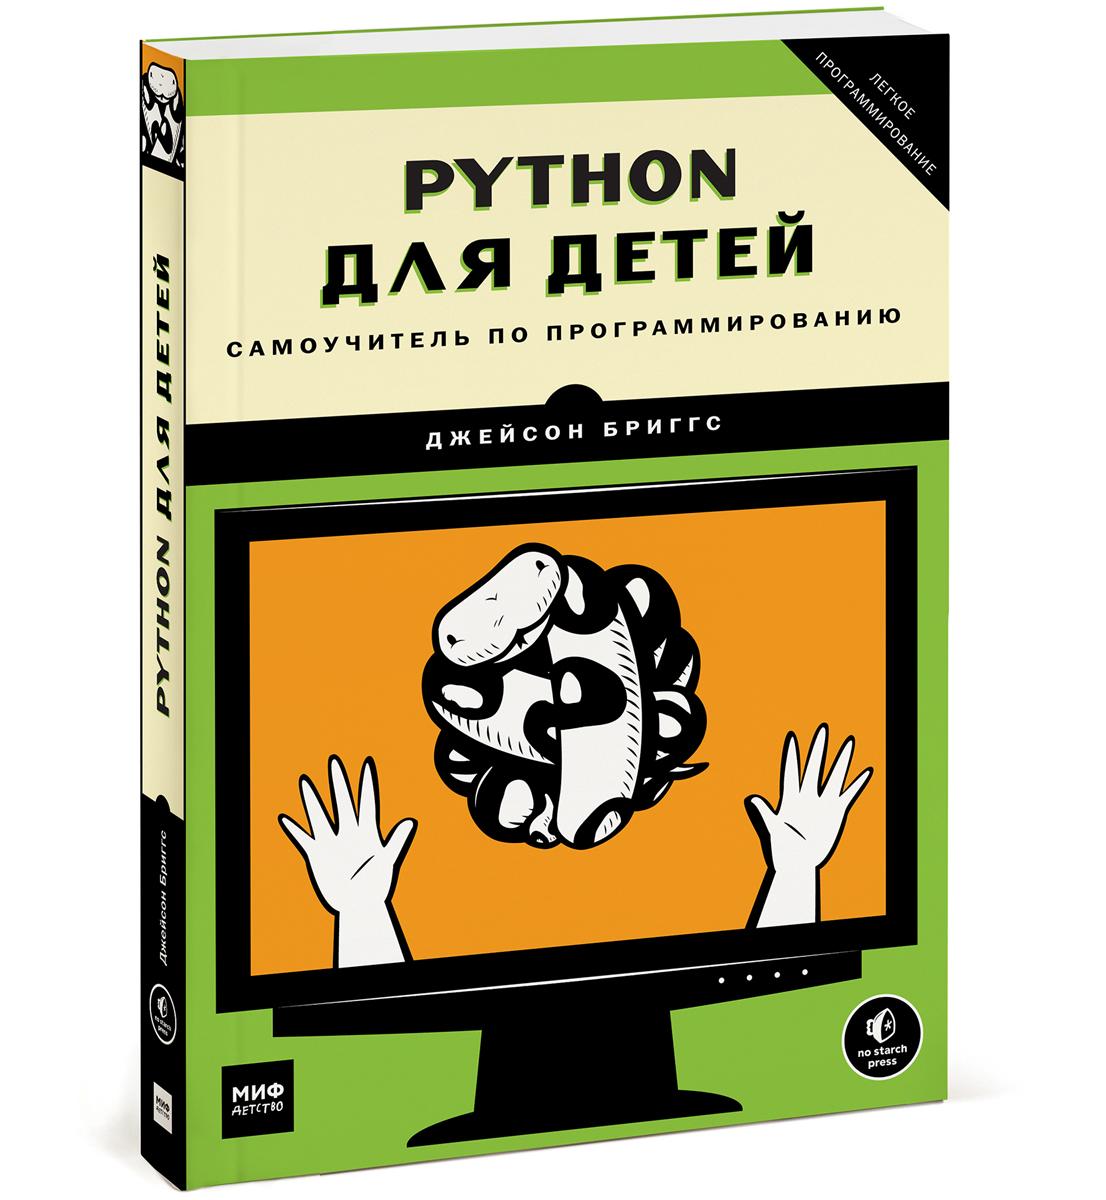 Джейсон Бриггс Python для детей. Самоучитель по программированию